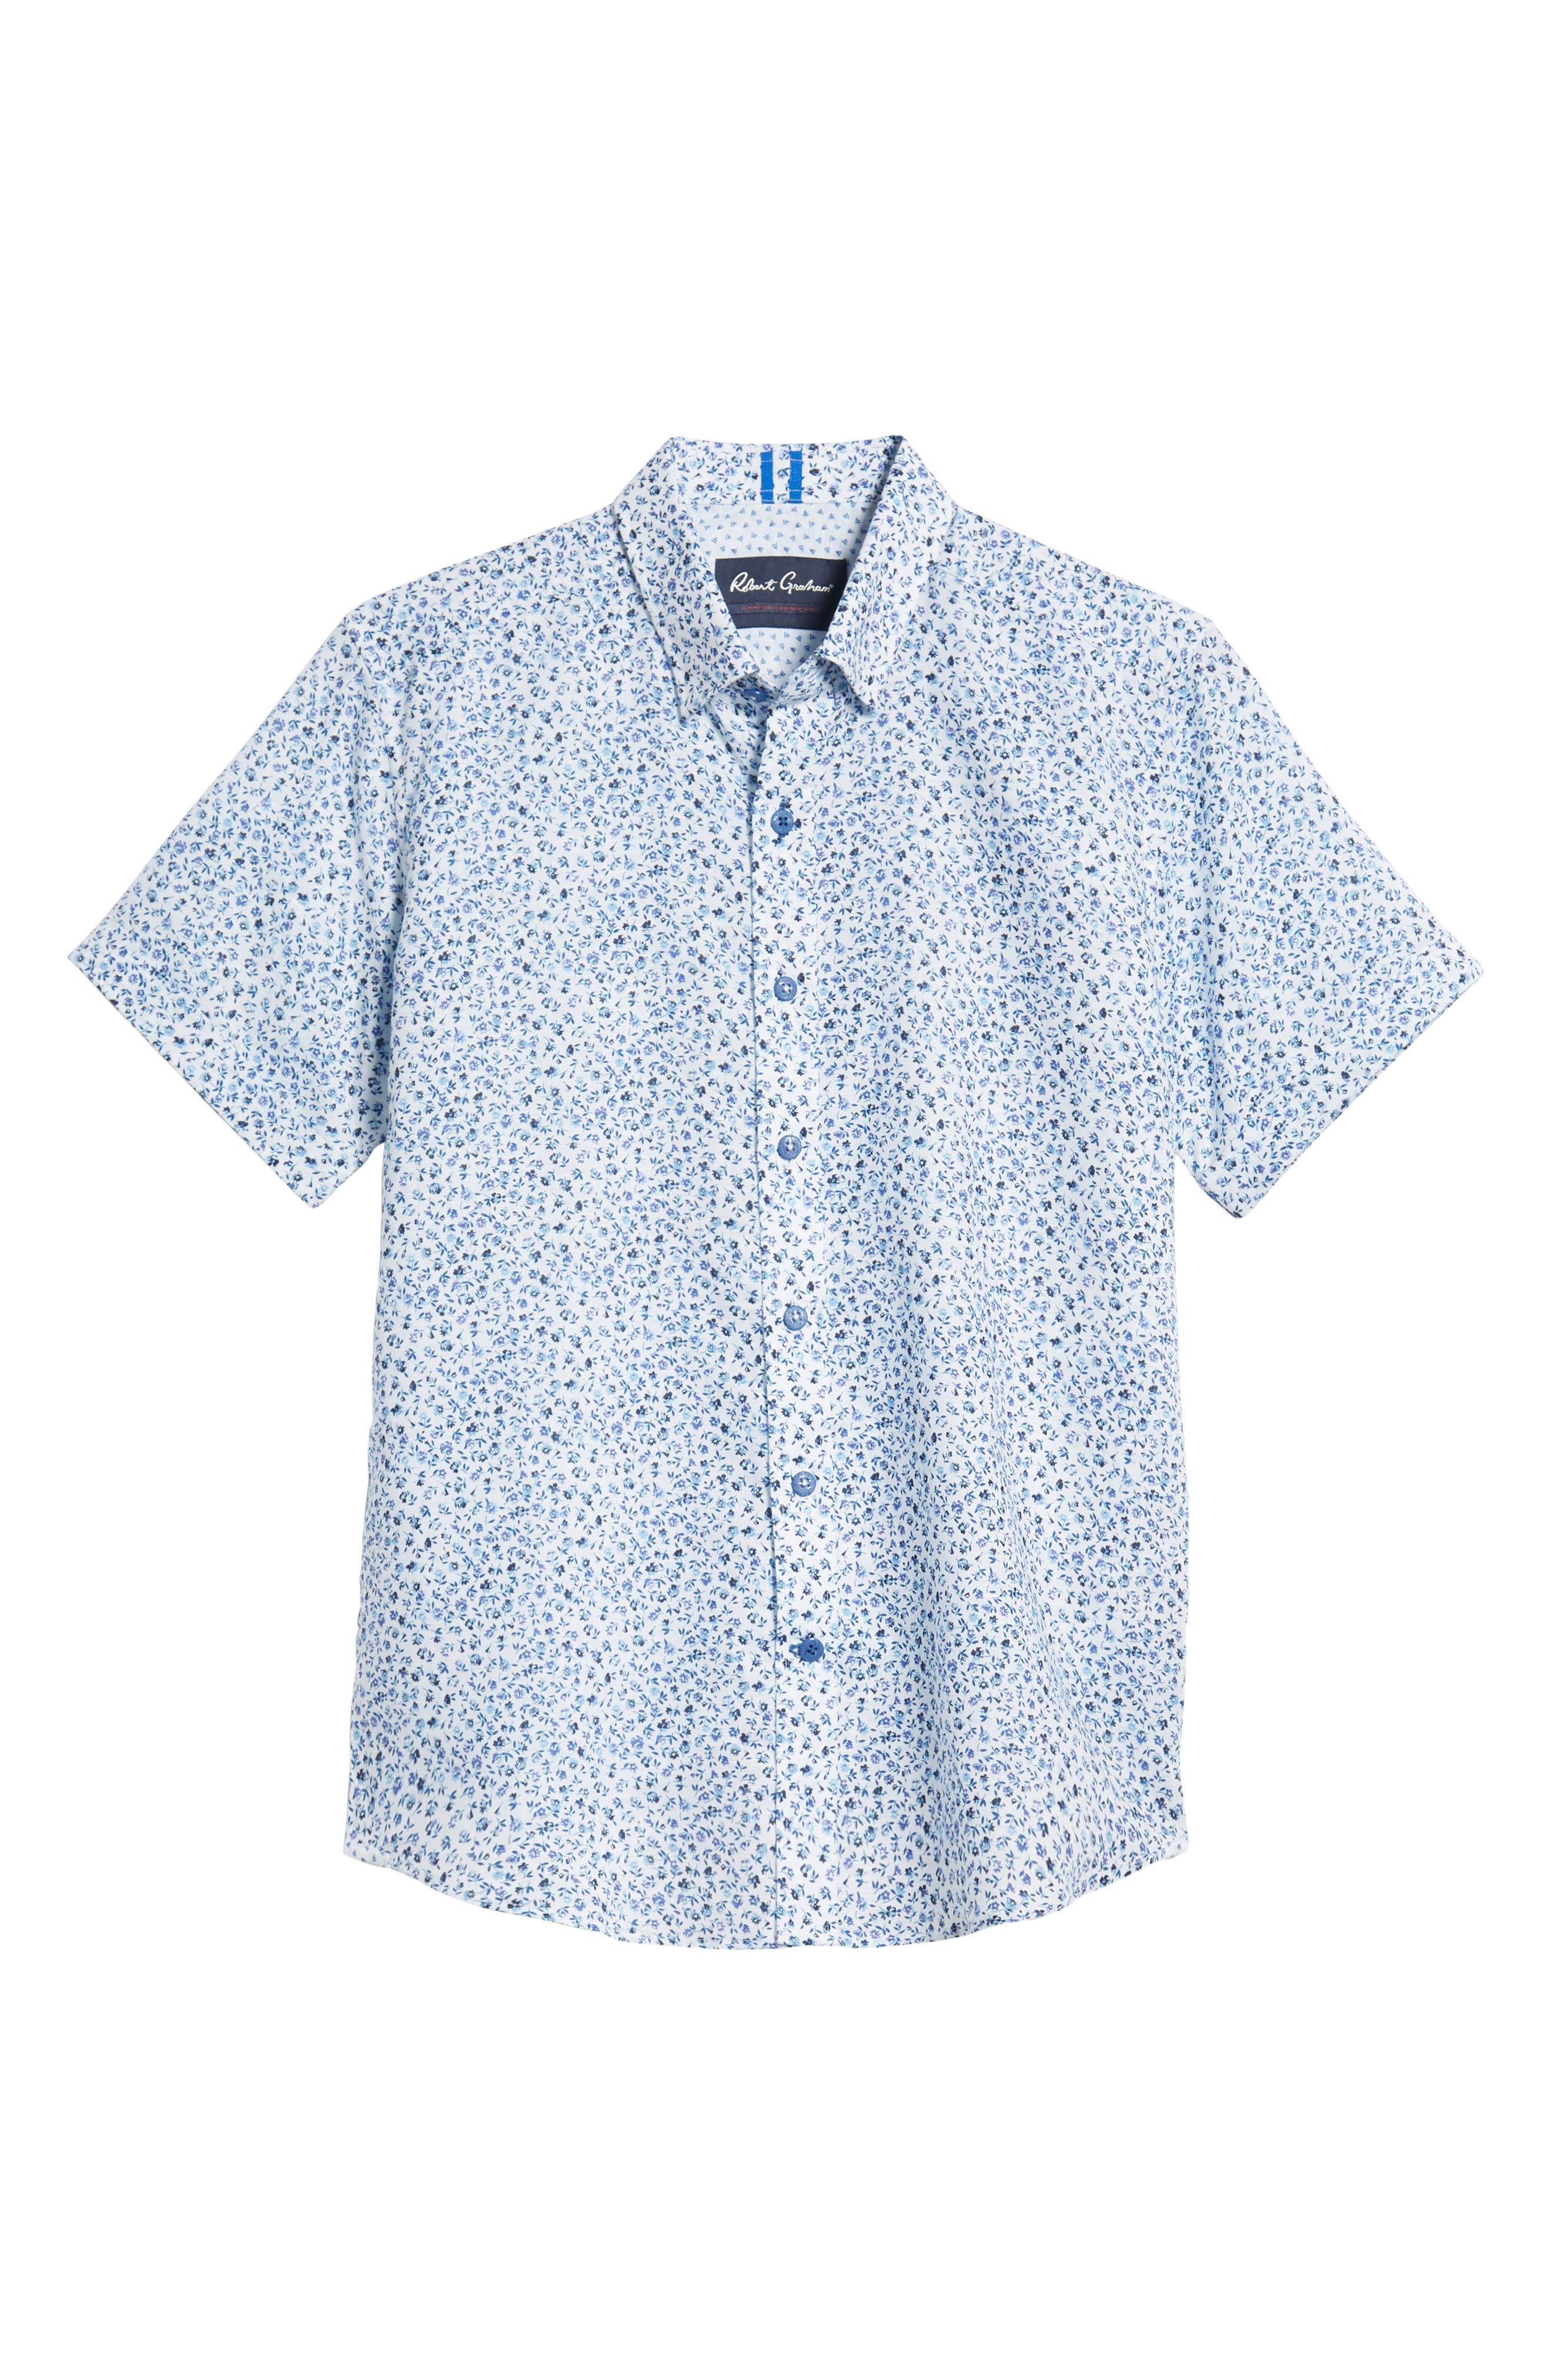 Patrick Floral Linen Blend Sport Shirt,                             Alternate thumbnail 5, color,                             400